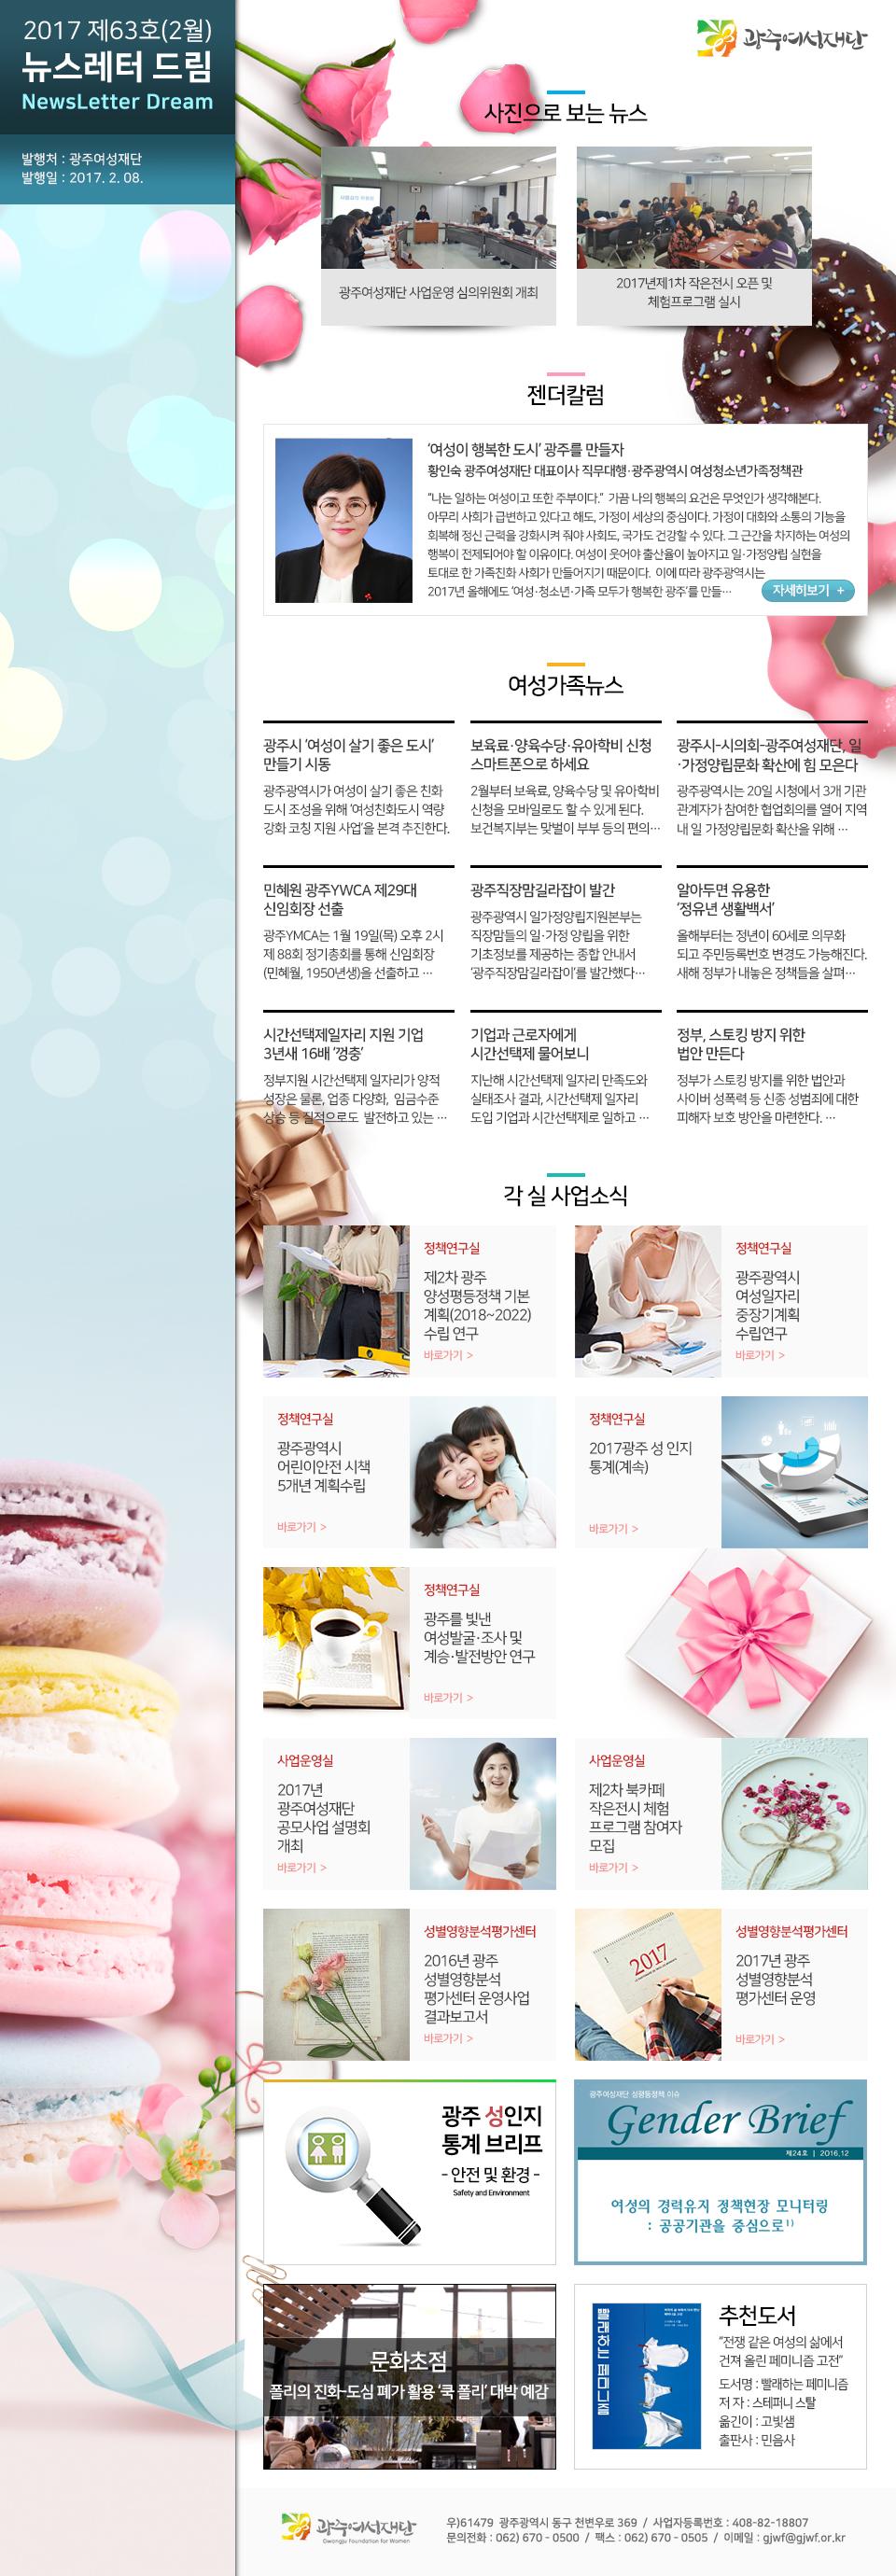 뉴스레터 드림 63호(17.02월) 썸네일